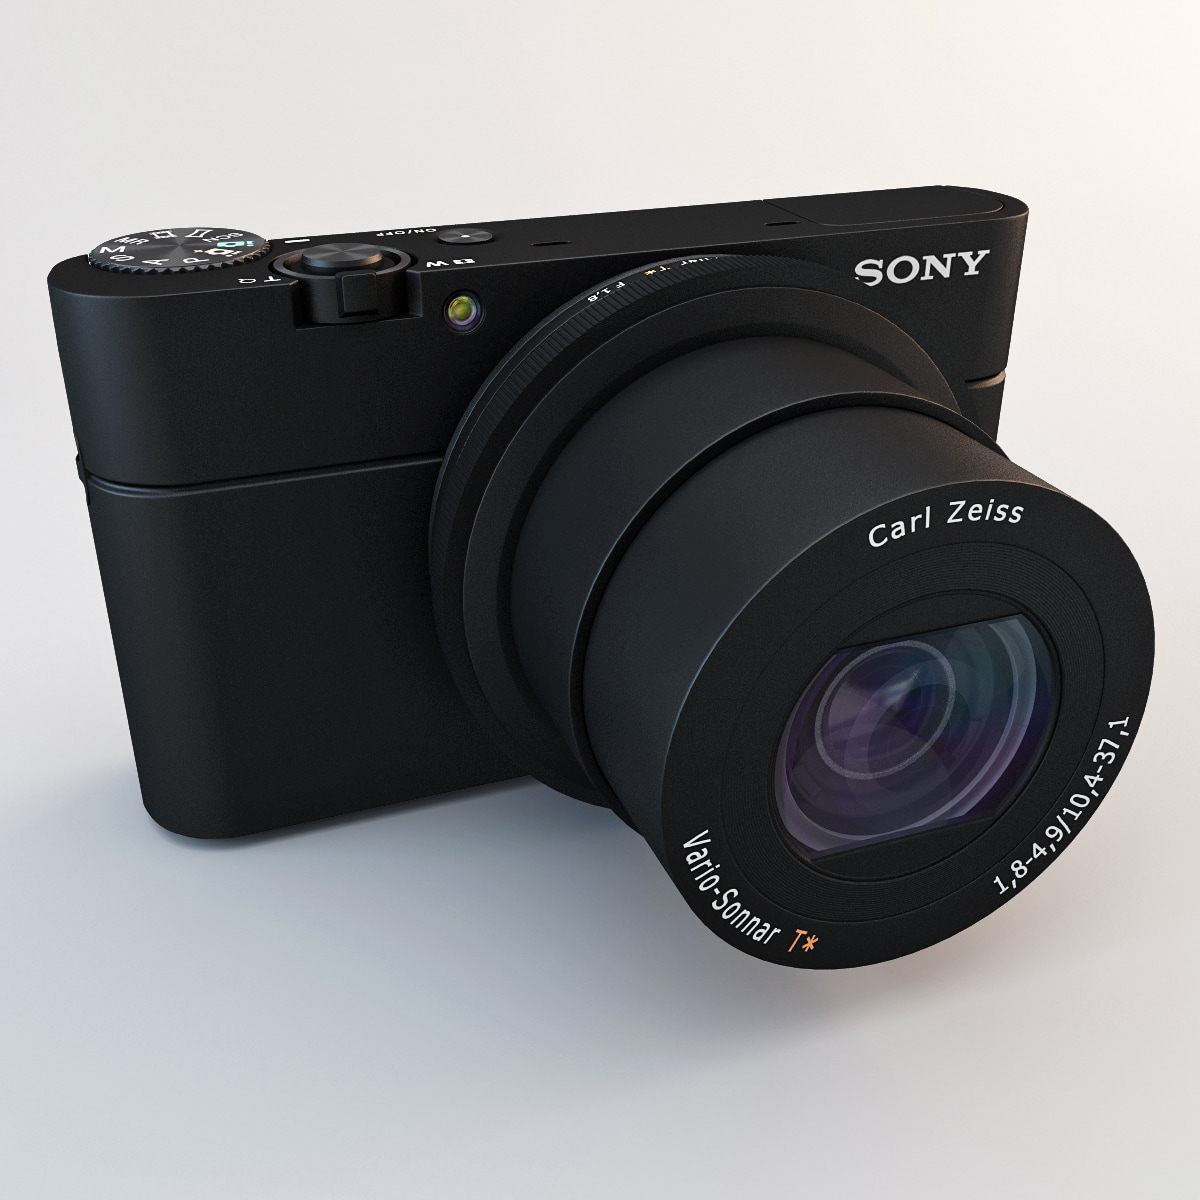 3d model sony dsc-rx100 camera